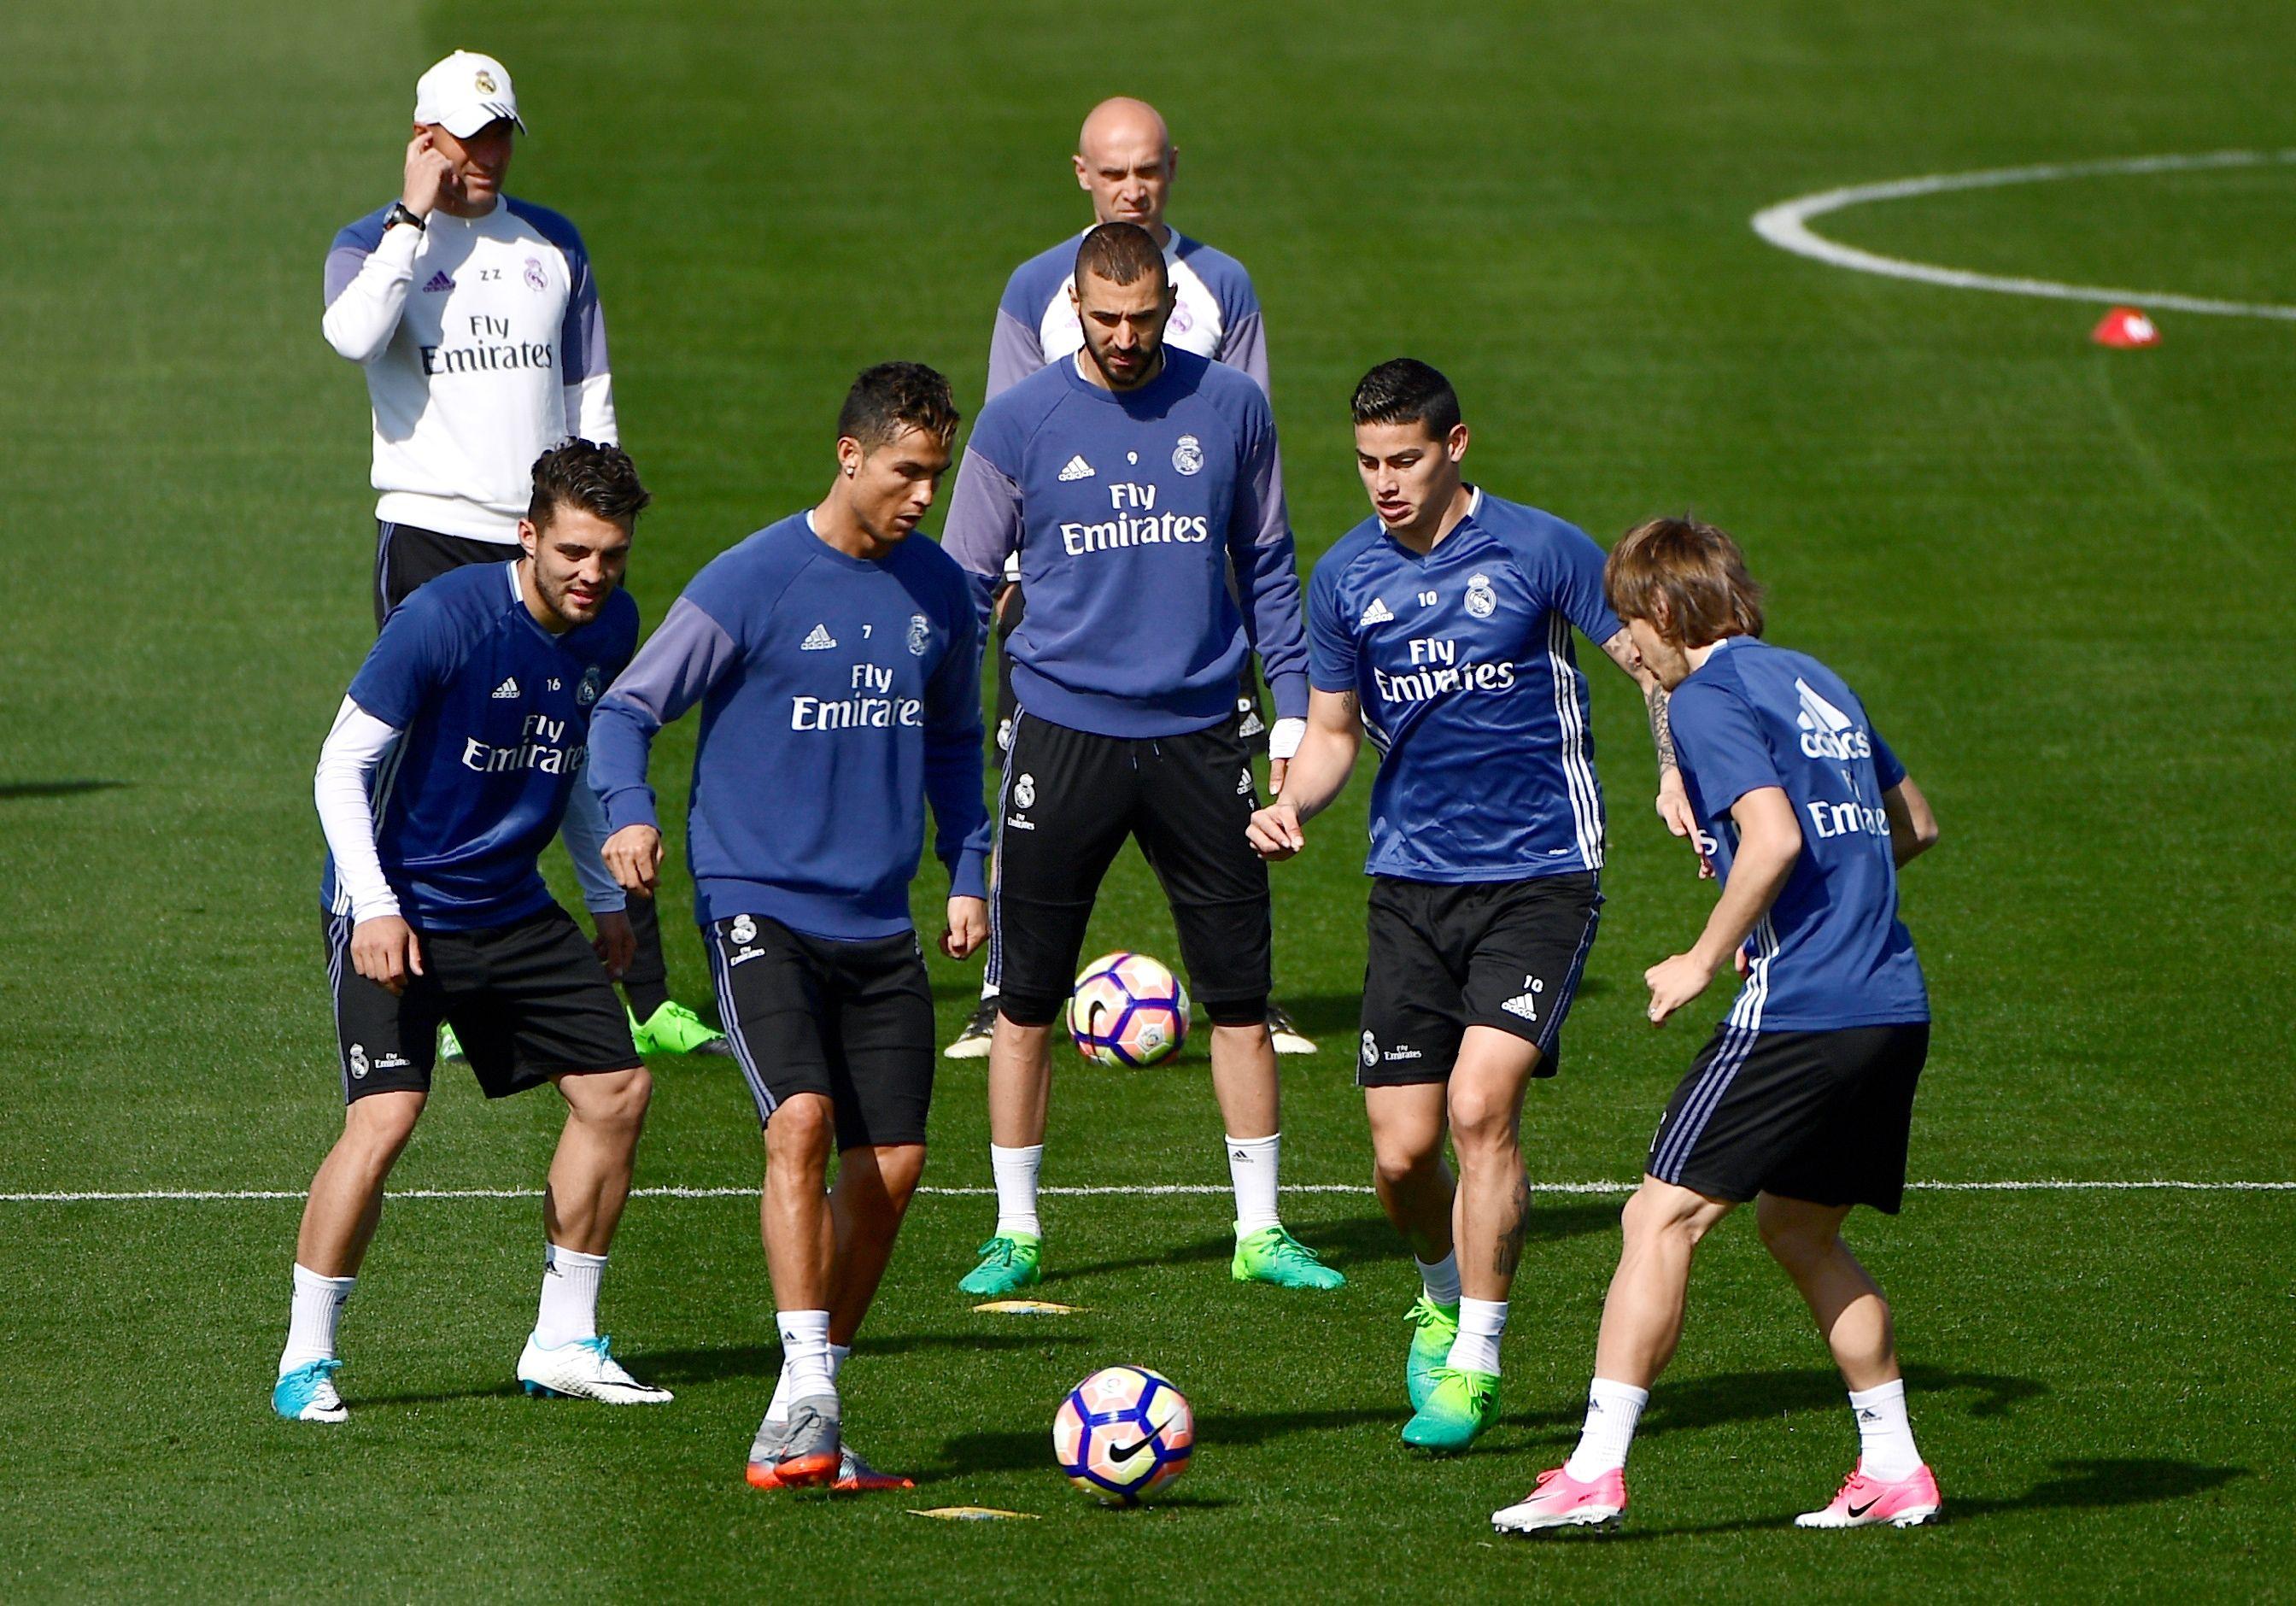 Cristiano Ronaldo fait le show à l'entraînement - Espagne - Etranger -  Football